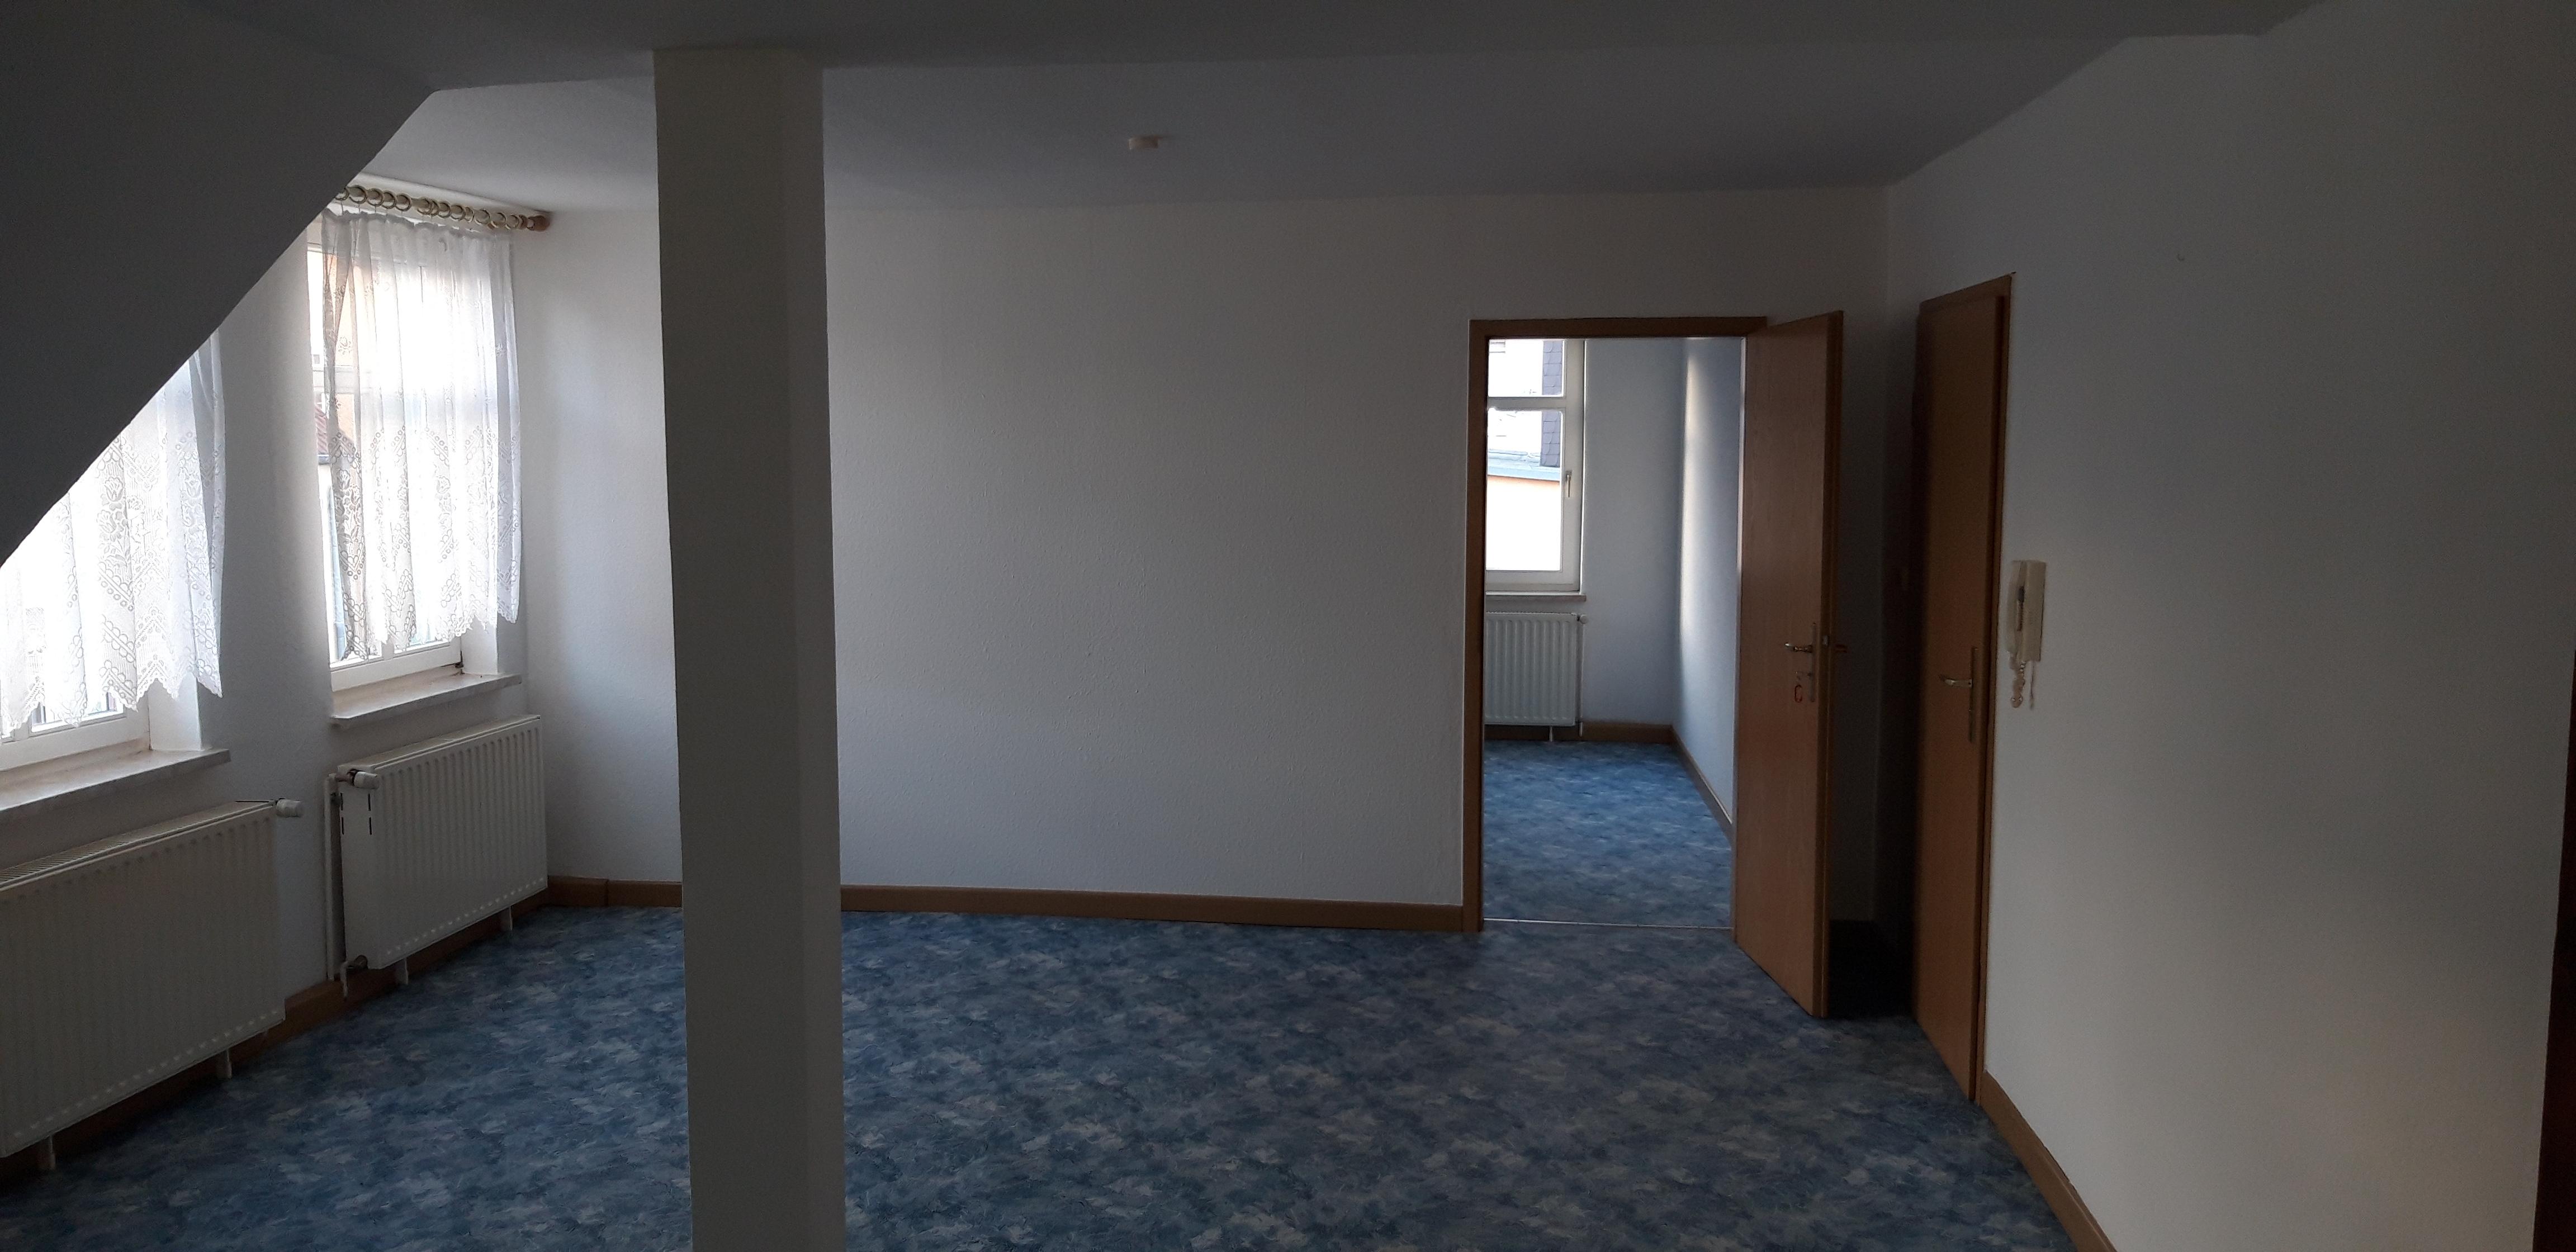 helbra wohn gesch ftshaus mit hof zufahrt und. Black Bedroom Furniture Sets. Home Design Ideas